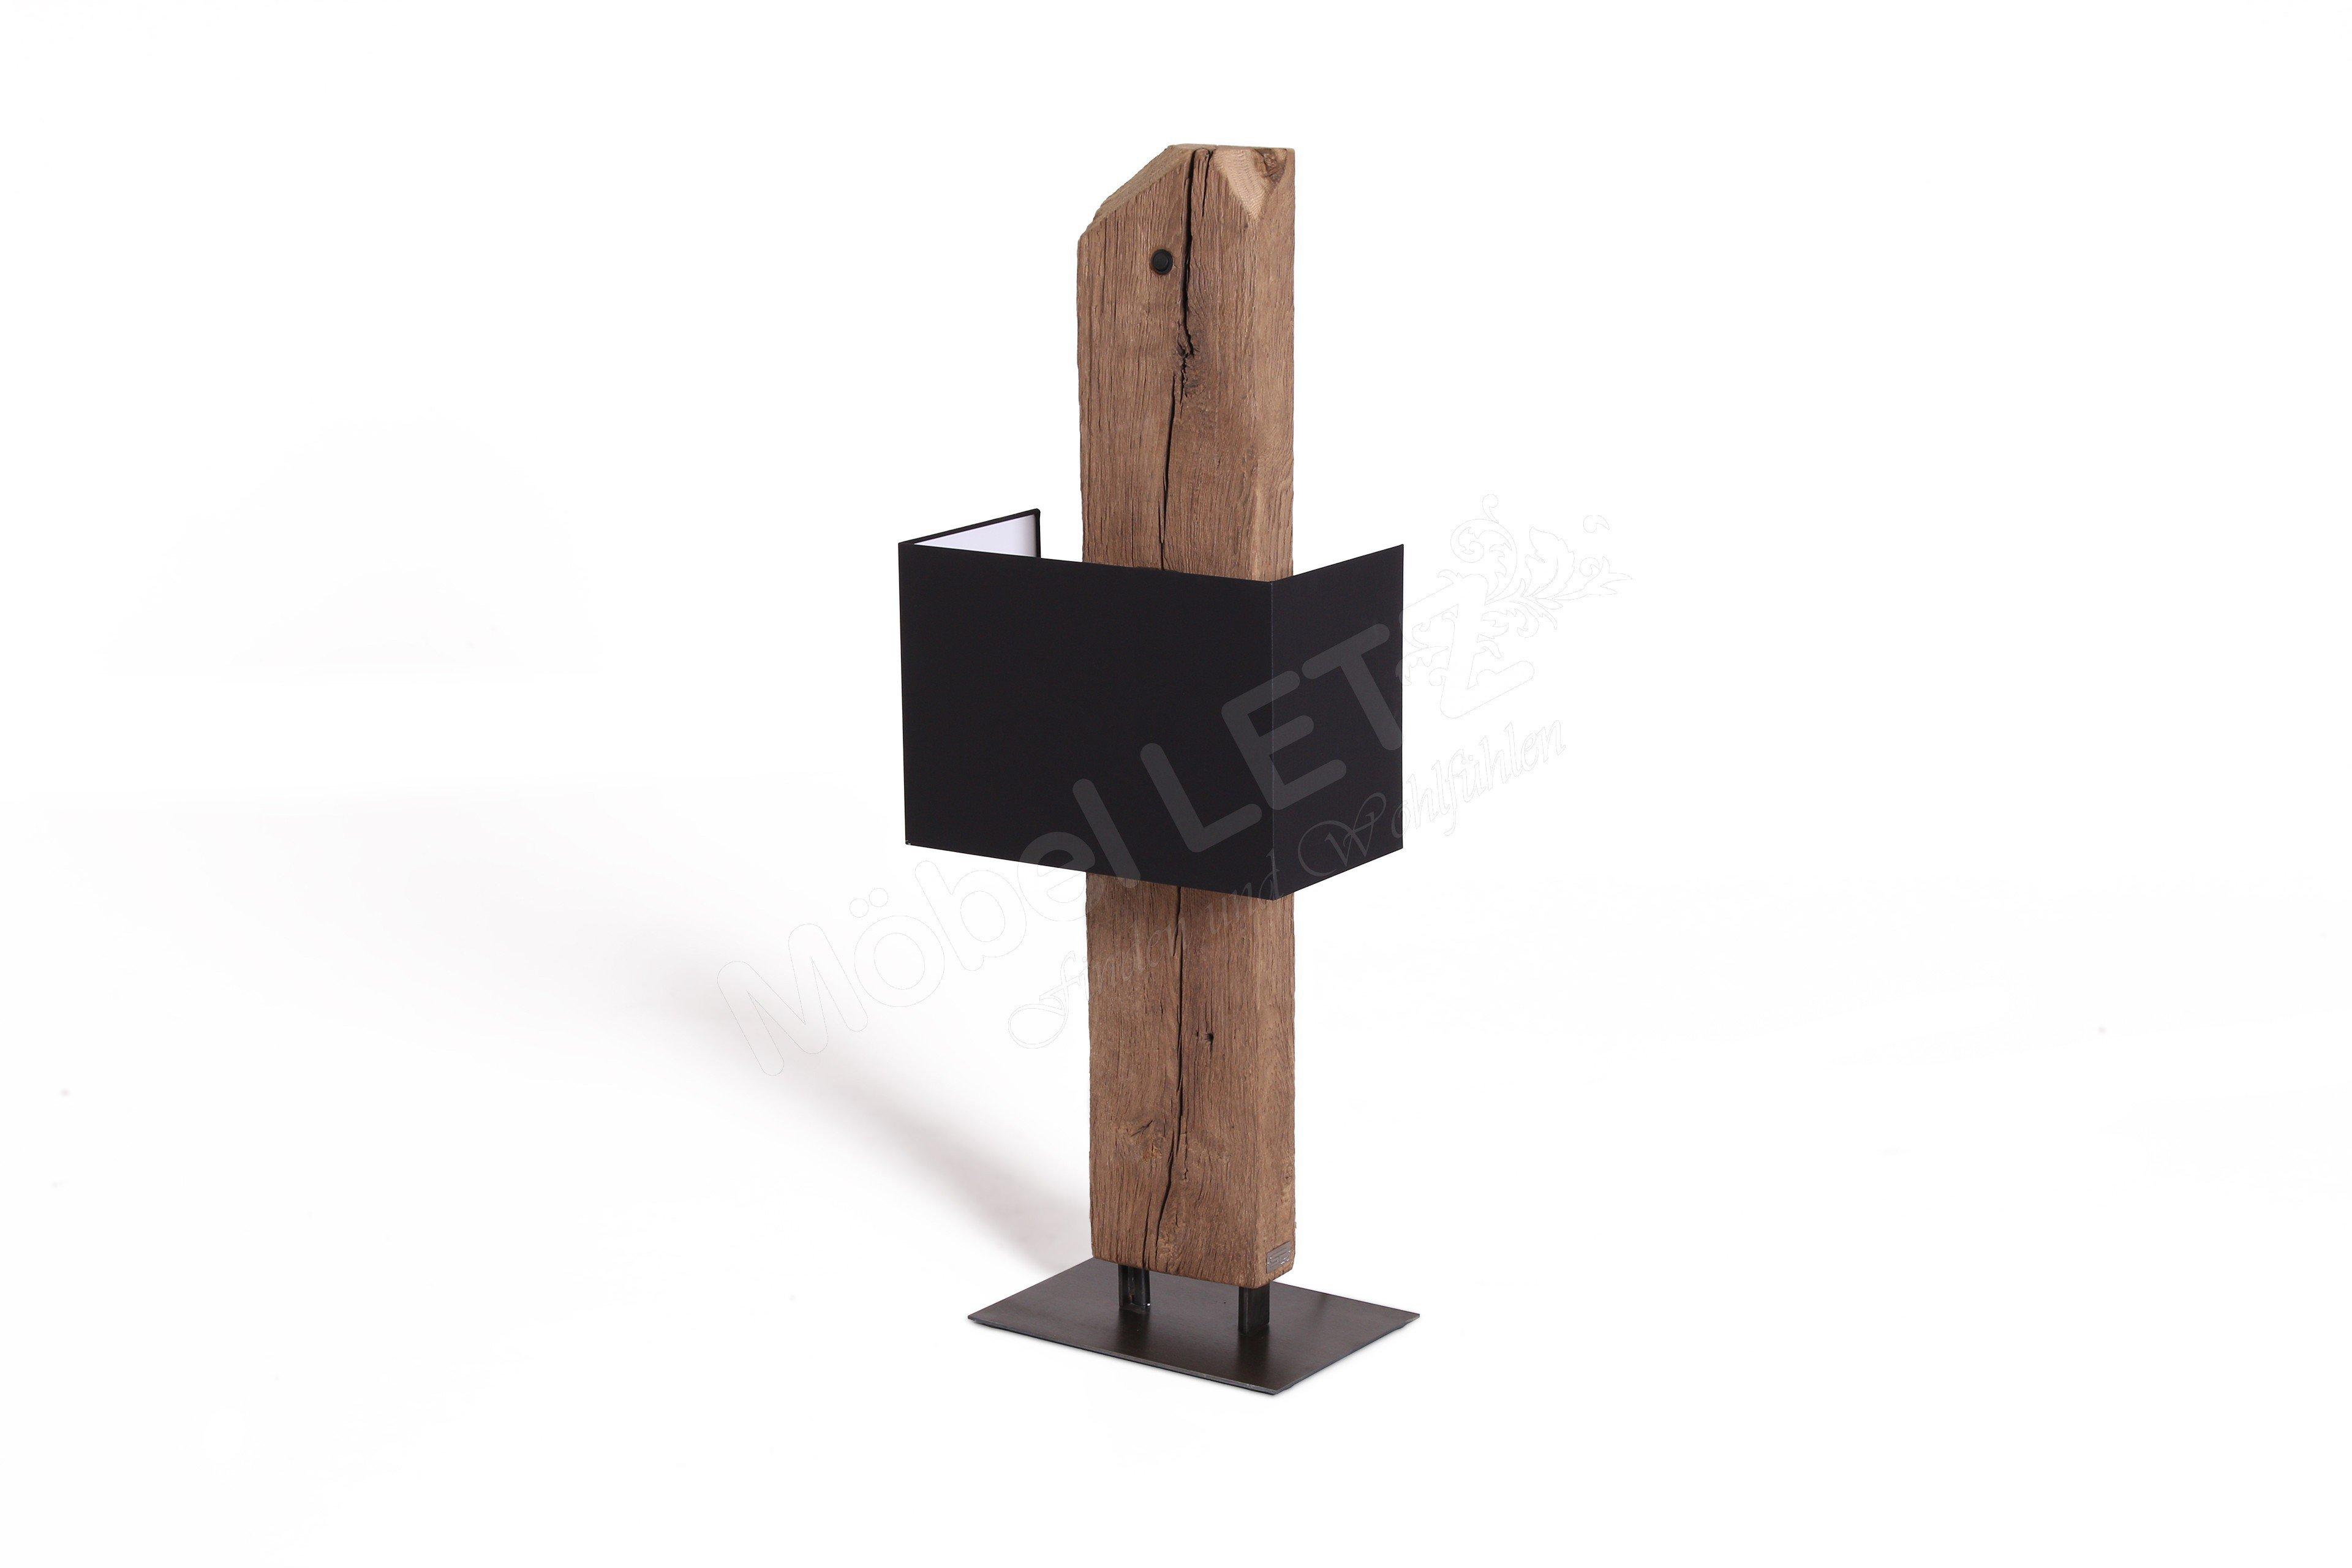 Sprenger Stehlampe Largo 12-36 Holz